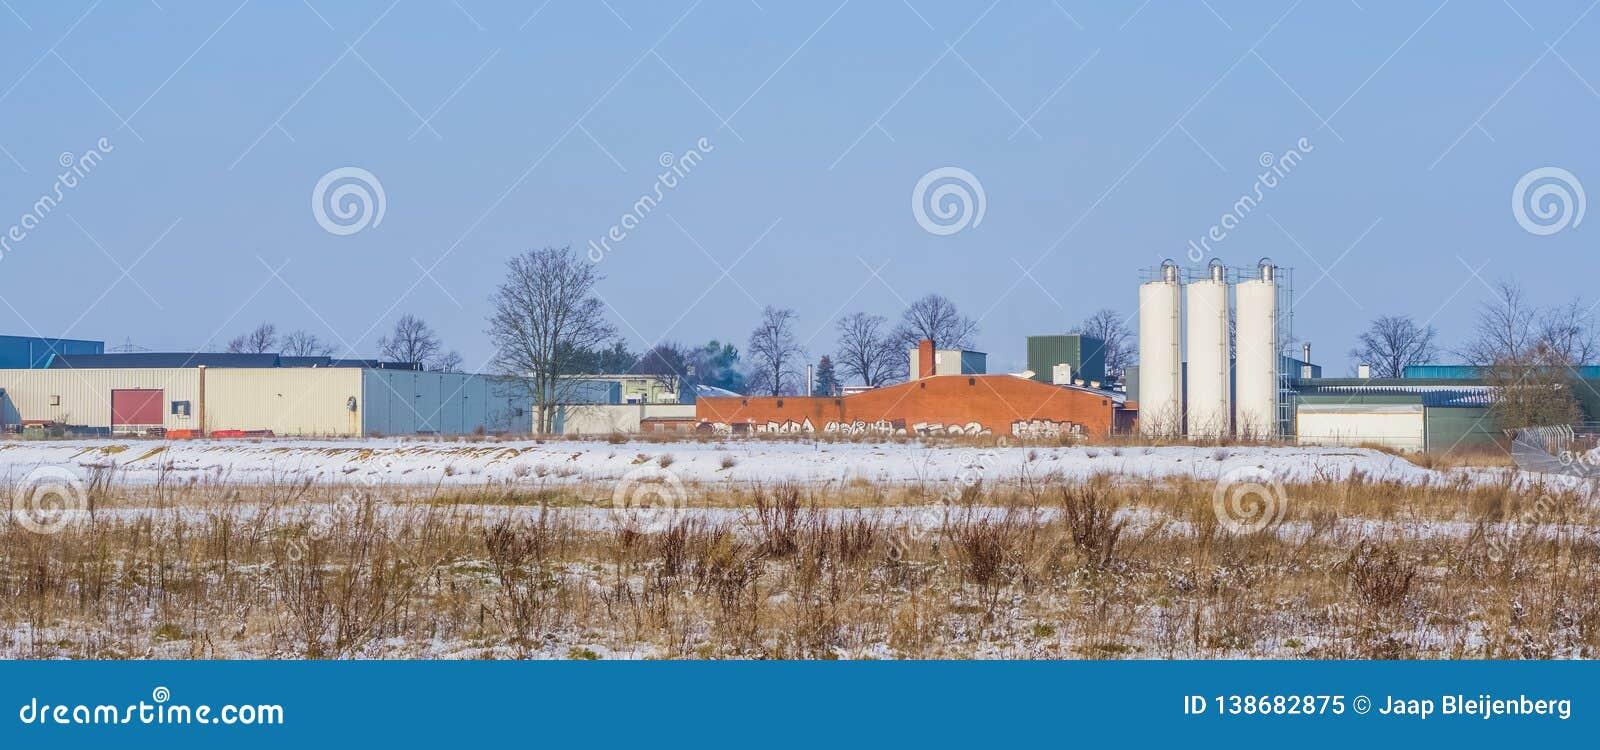 Holenderski przemysłu krajobraz z magazynem i niektóre białymi zbiornikami, Majoppeveld przemysłowy teren w mieście Roosendaal